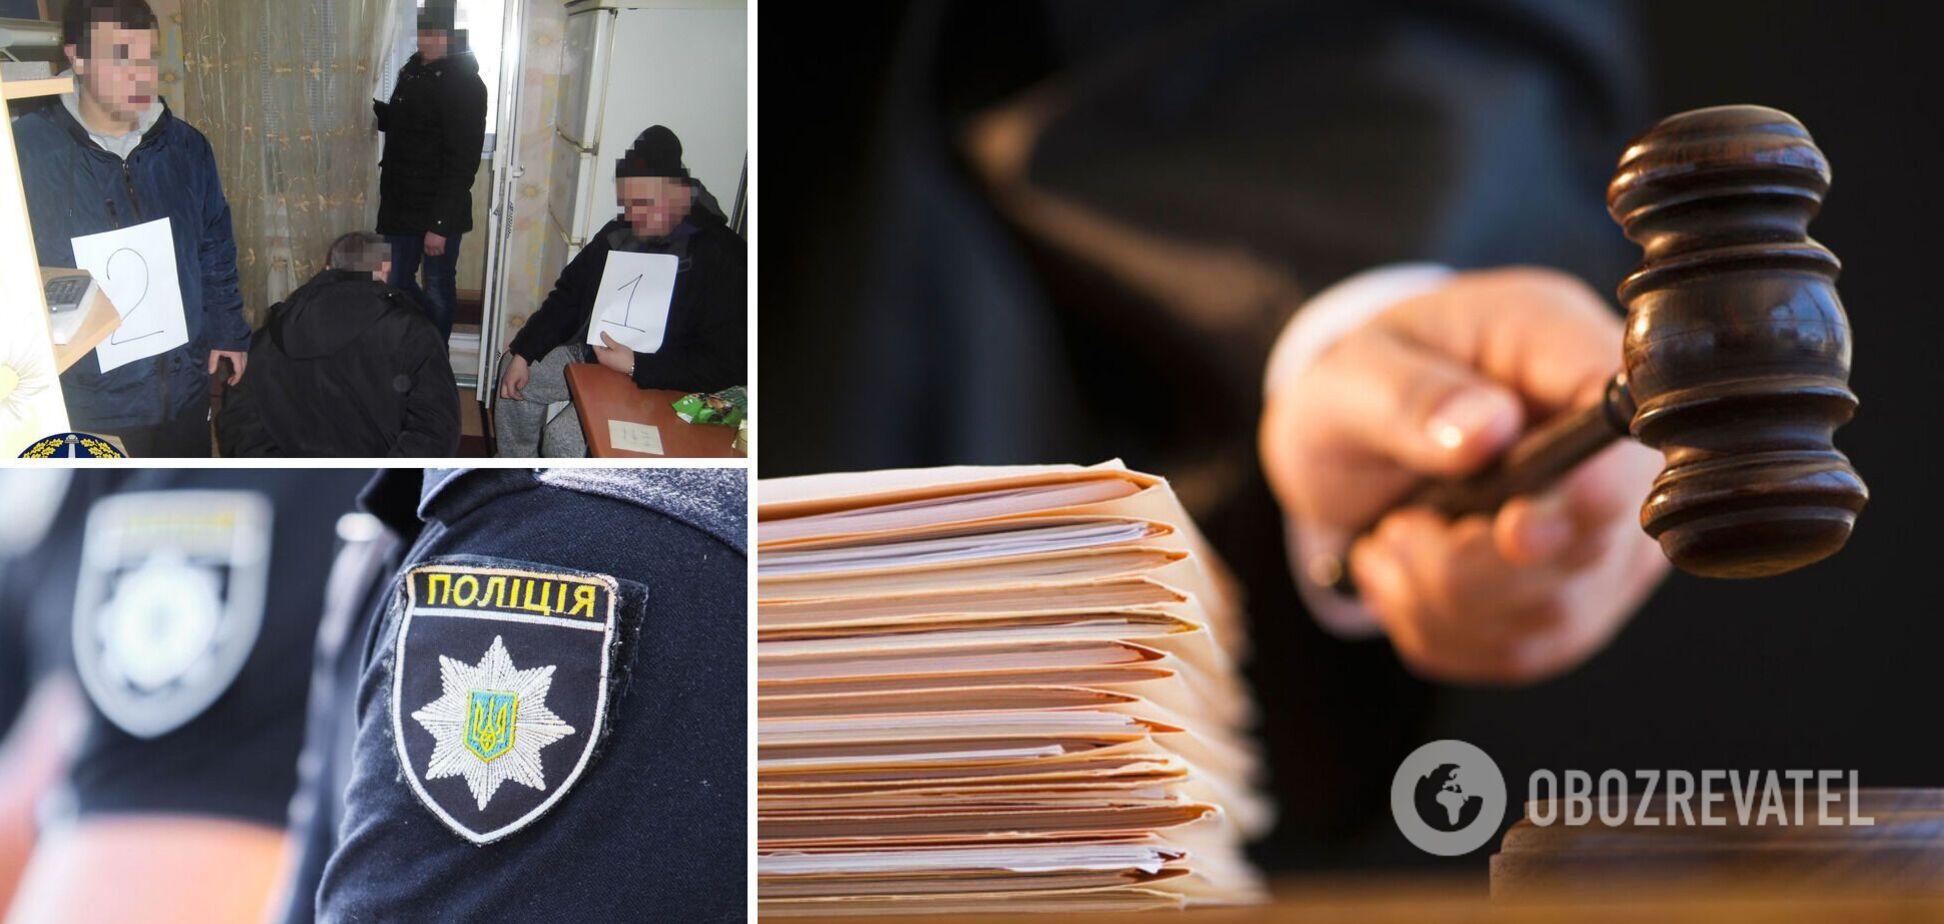 Суд відправив за ґрати двох експоліцейських із Дніпропетровщини, які вкрали у злодія 42 млн грн. Фото